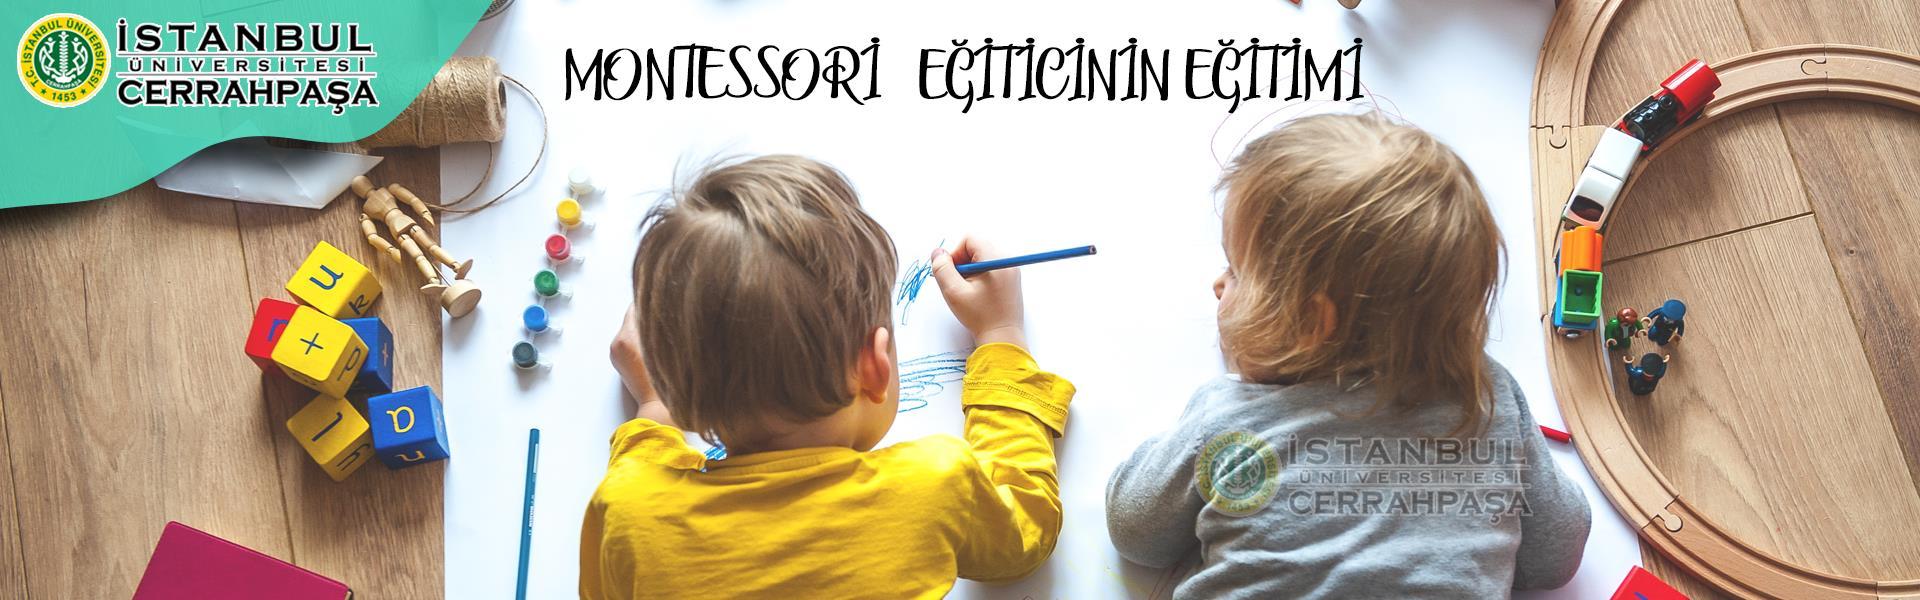 montessori eğitim montessori-eğitimi